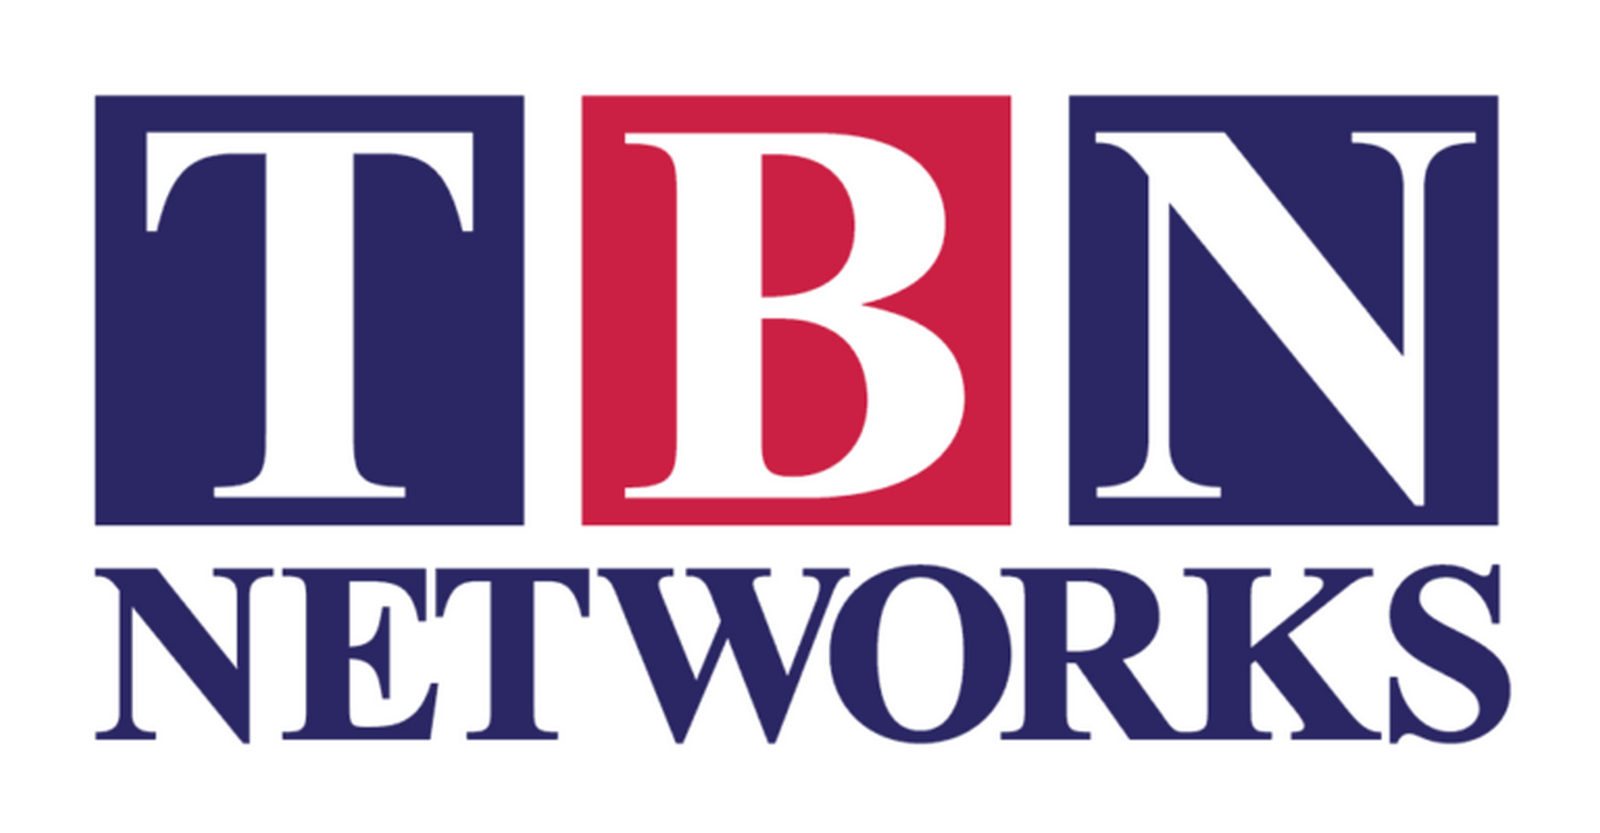 cherylphan.com - TBN-Network